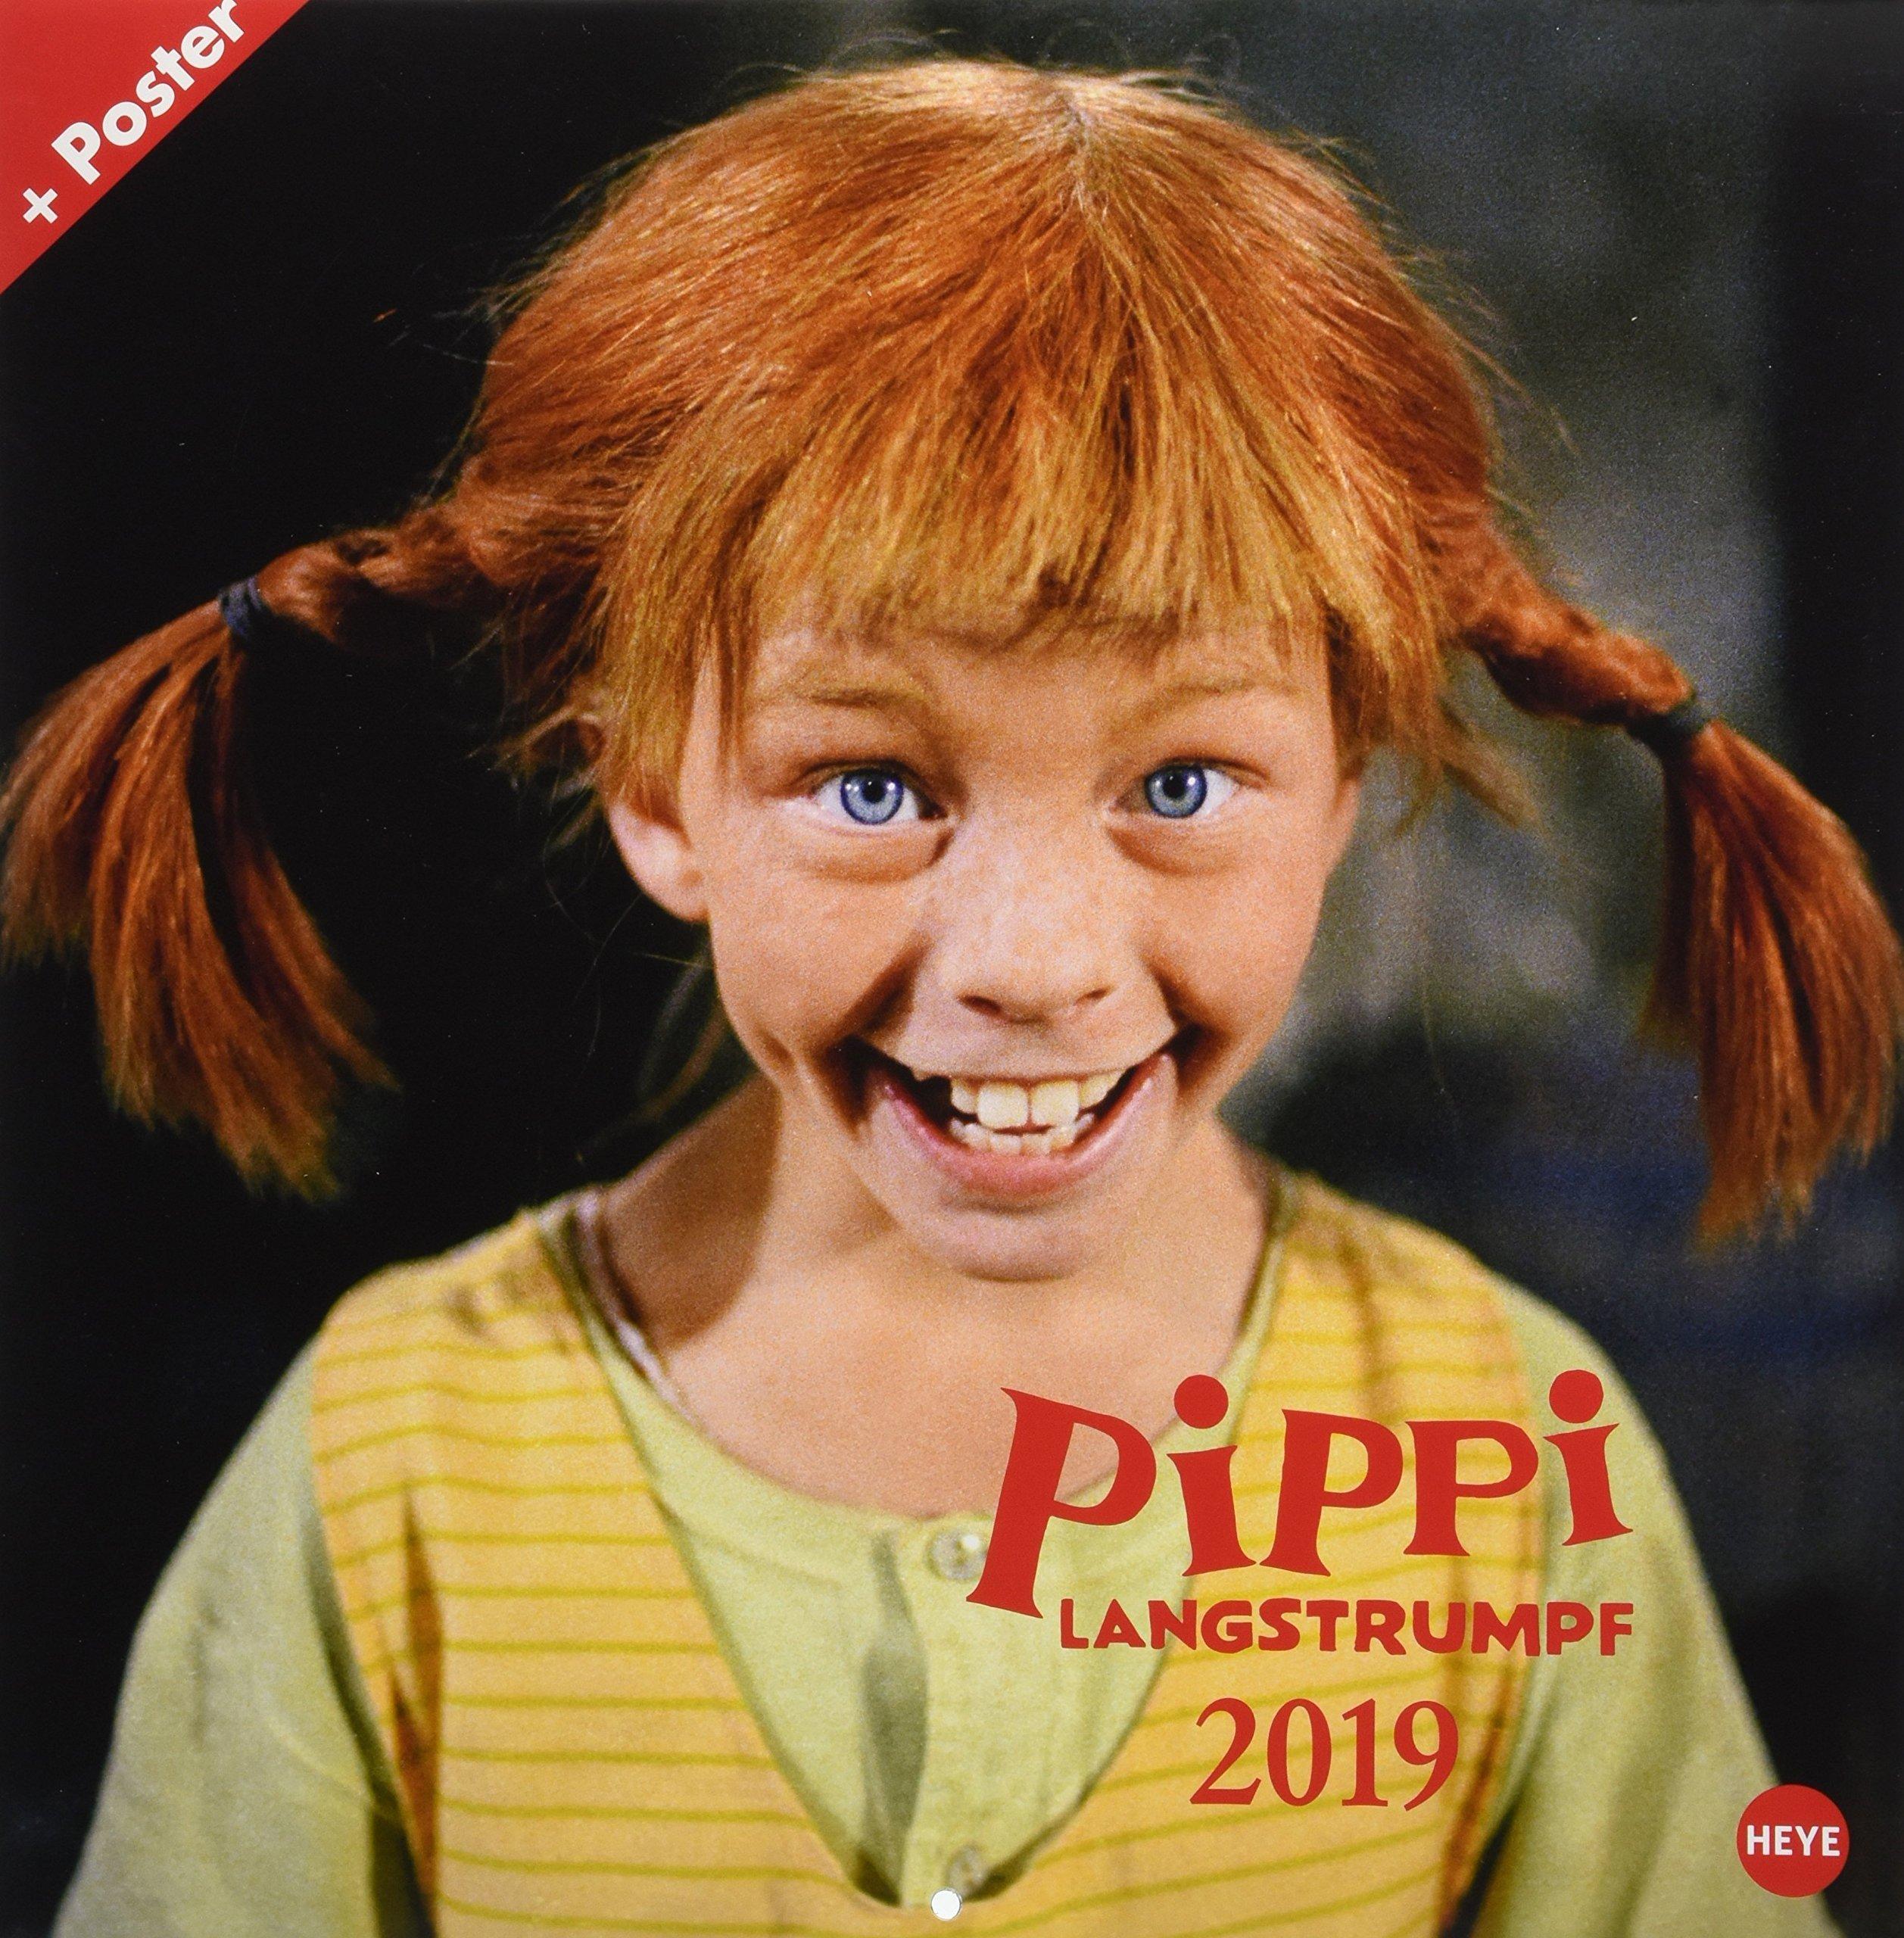 Pippi Langstrumpf Bilder